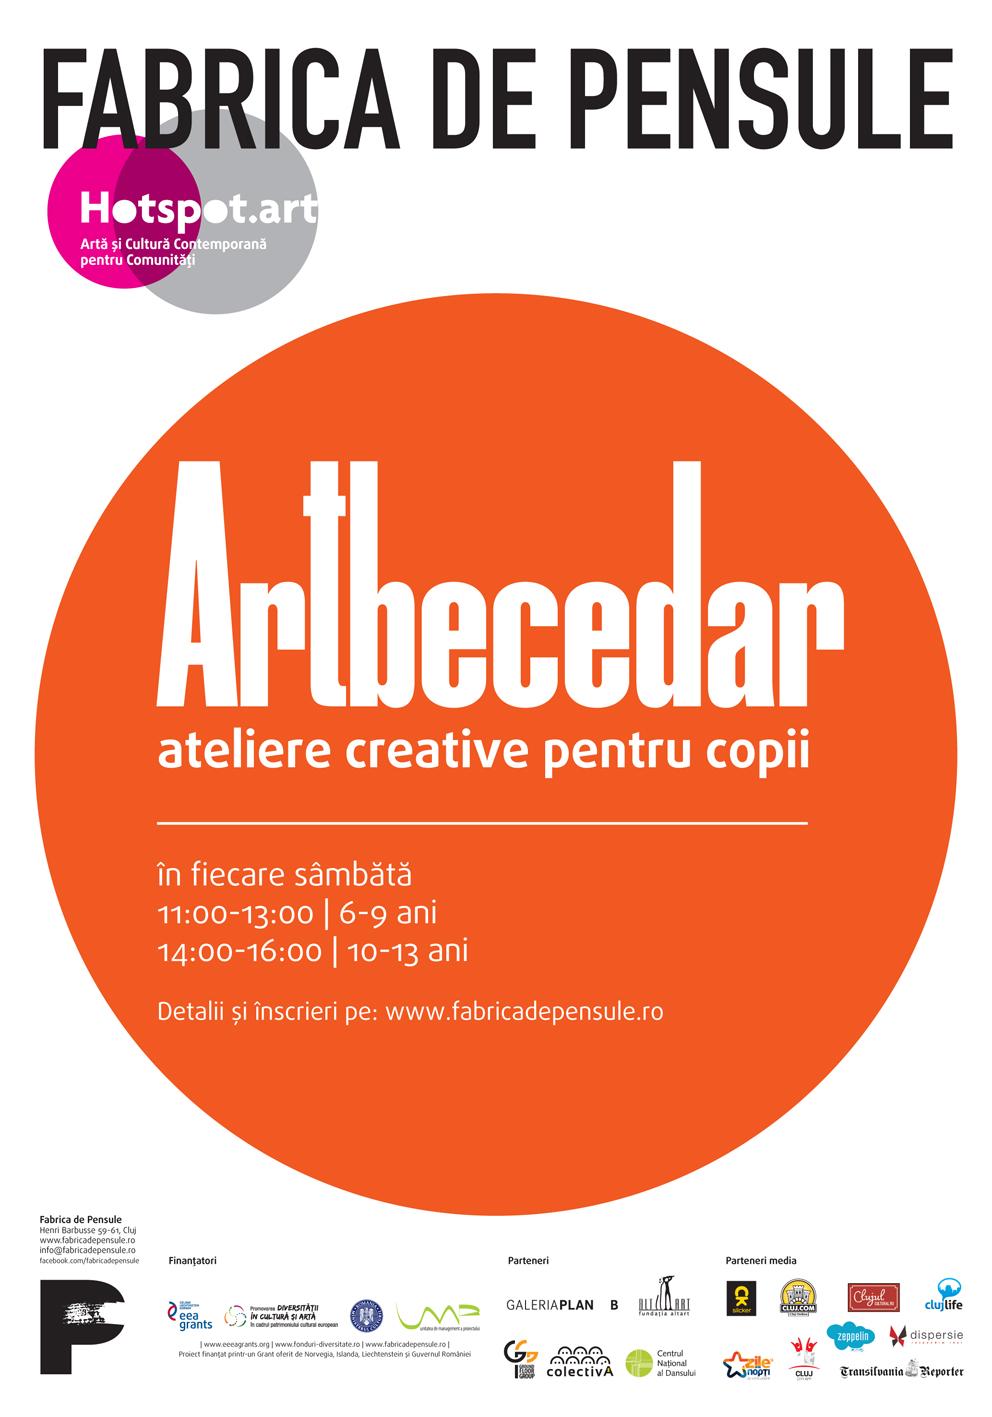 ARTbecedar – o nouă serie de ateliere creative pentru copii